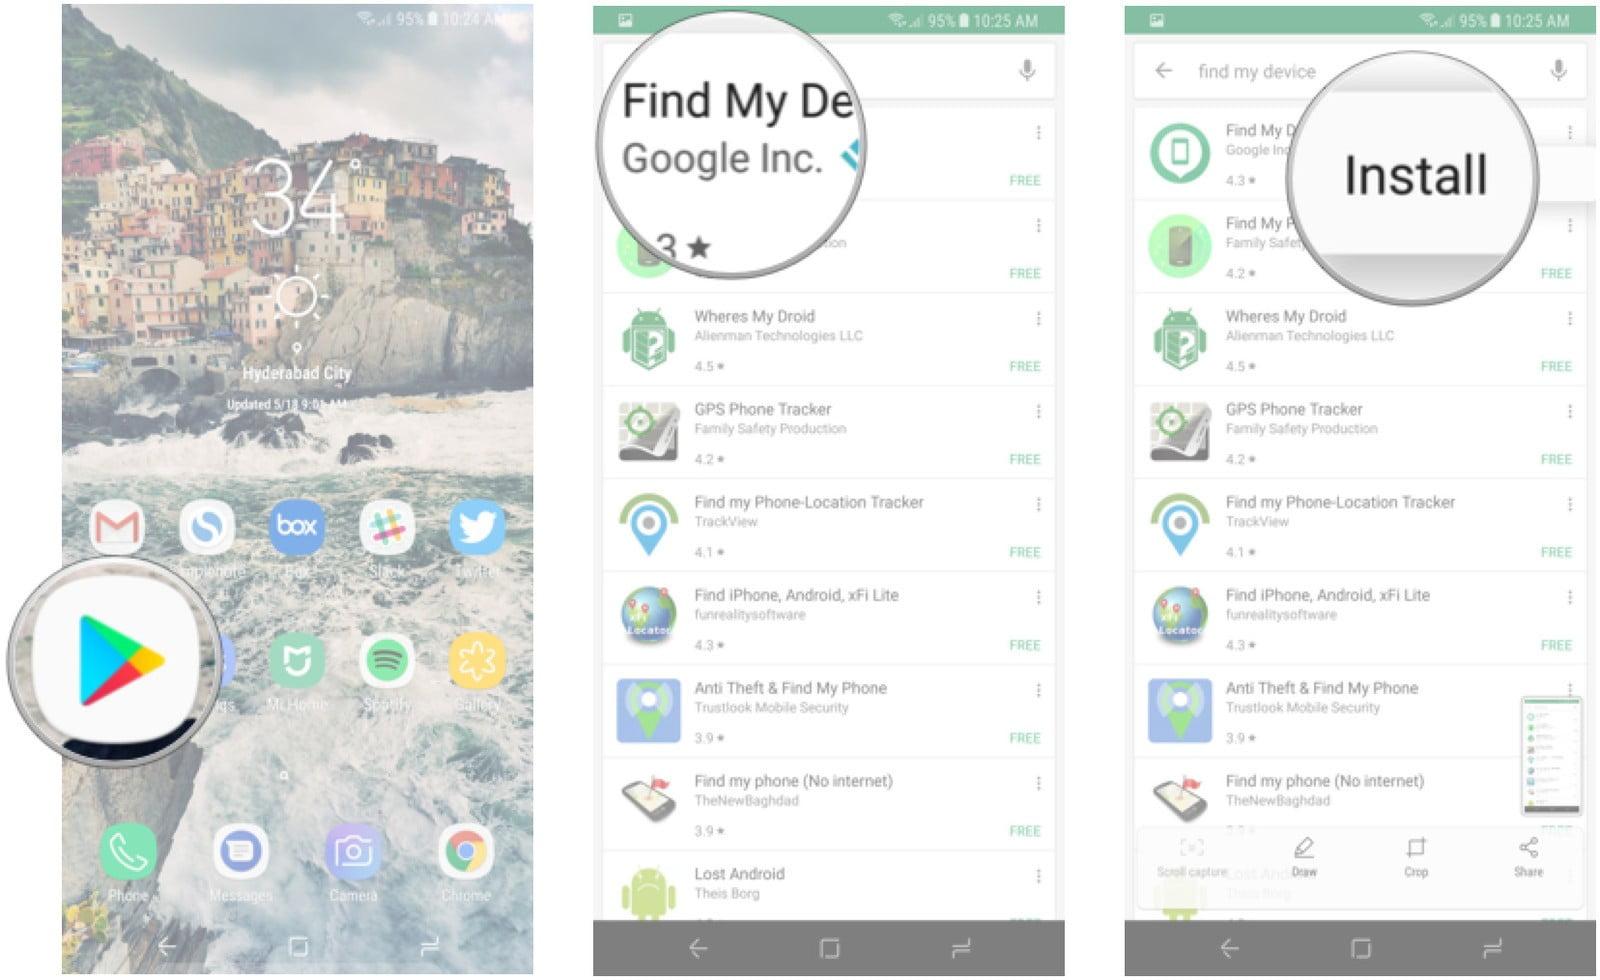 Android'de Find My Device Uygulaması Ne İşe Yarar ve Nasıl Kullanılır?